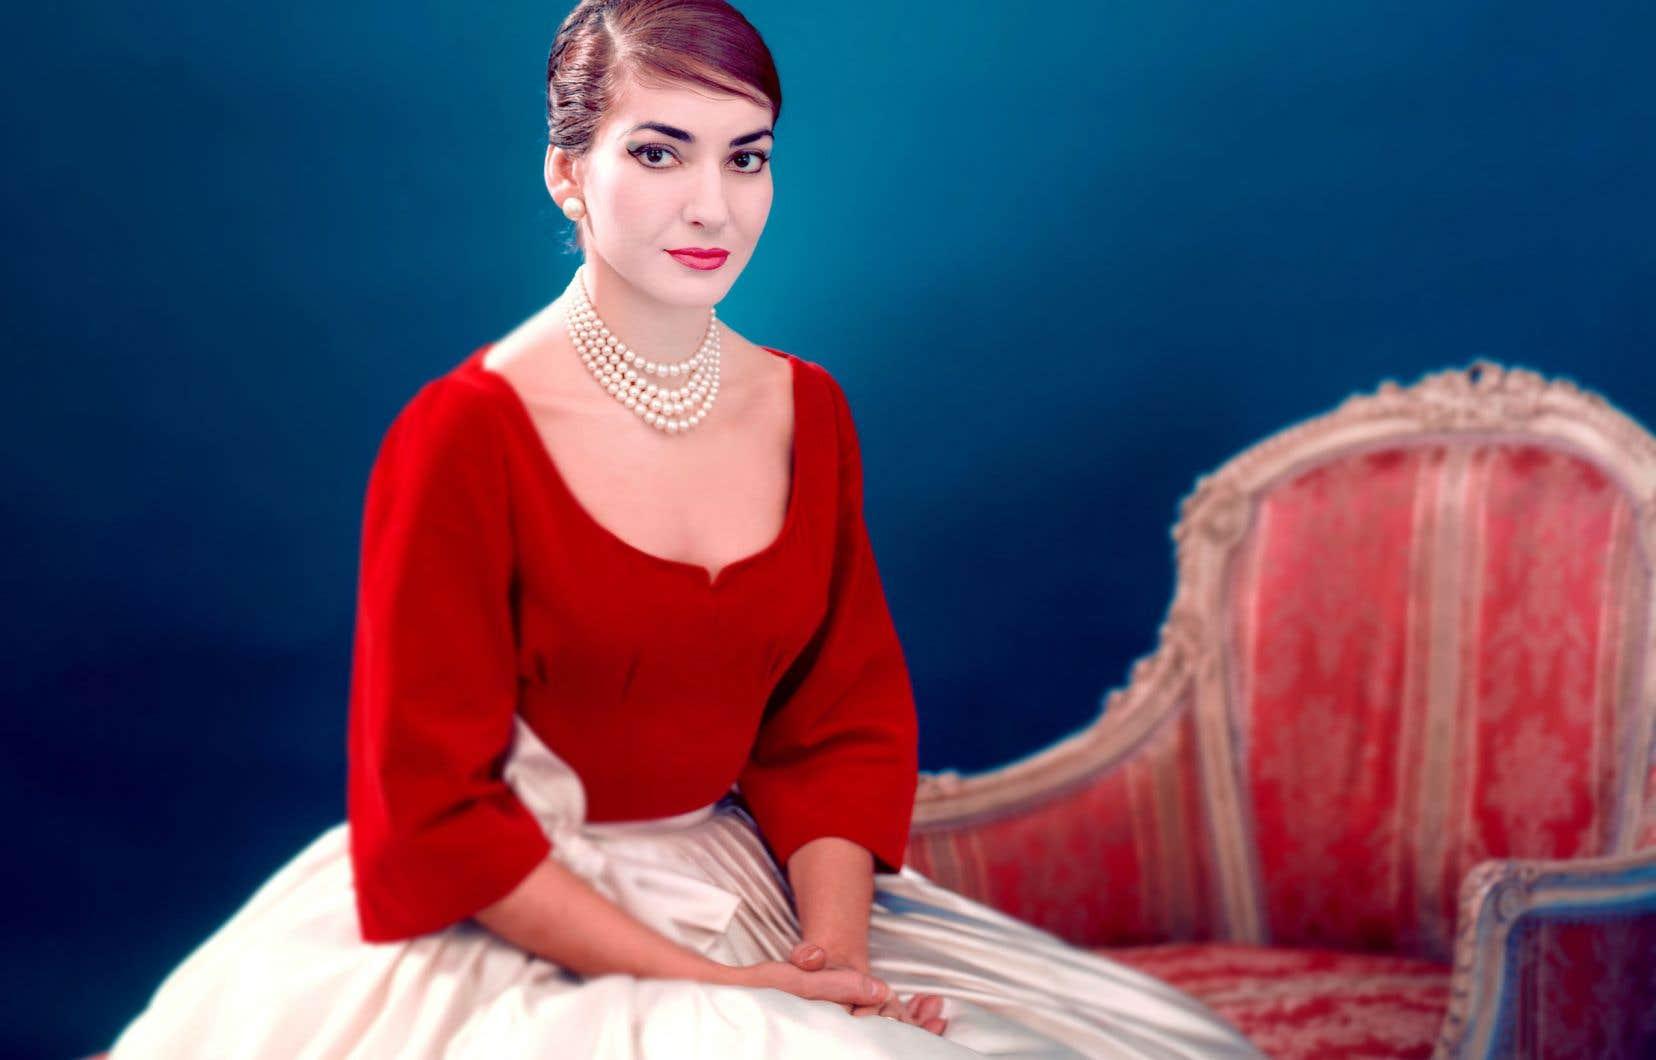 La «diva assoluta», Maria Callas, a touché Tom Volf au point de lui inspirer une biographie en trois tomes, une exposition et un film.